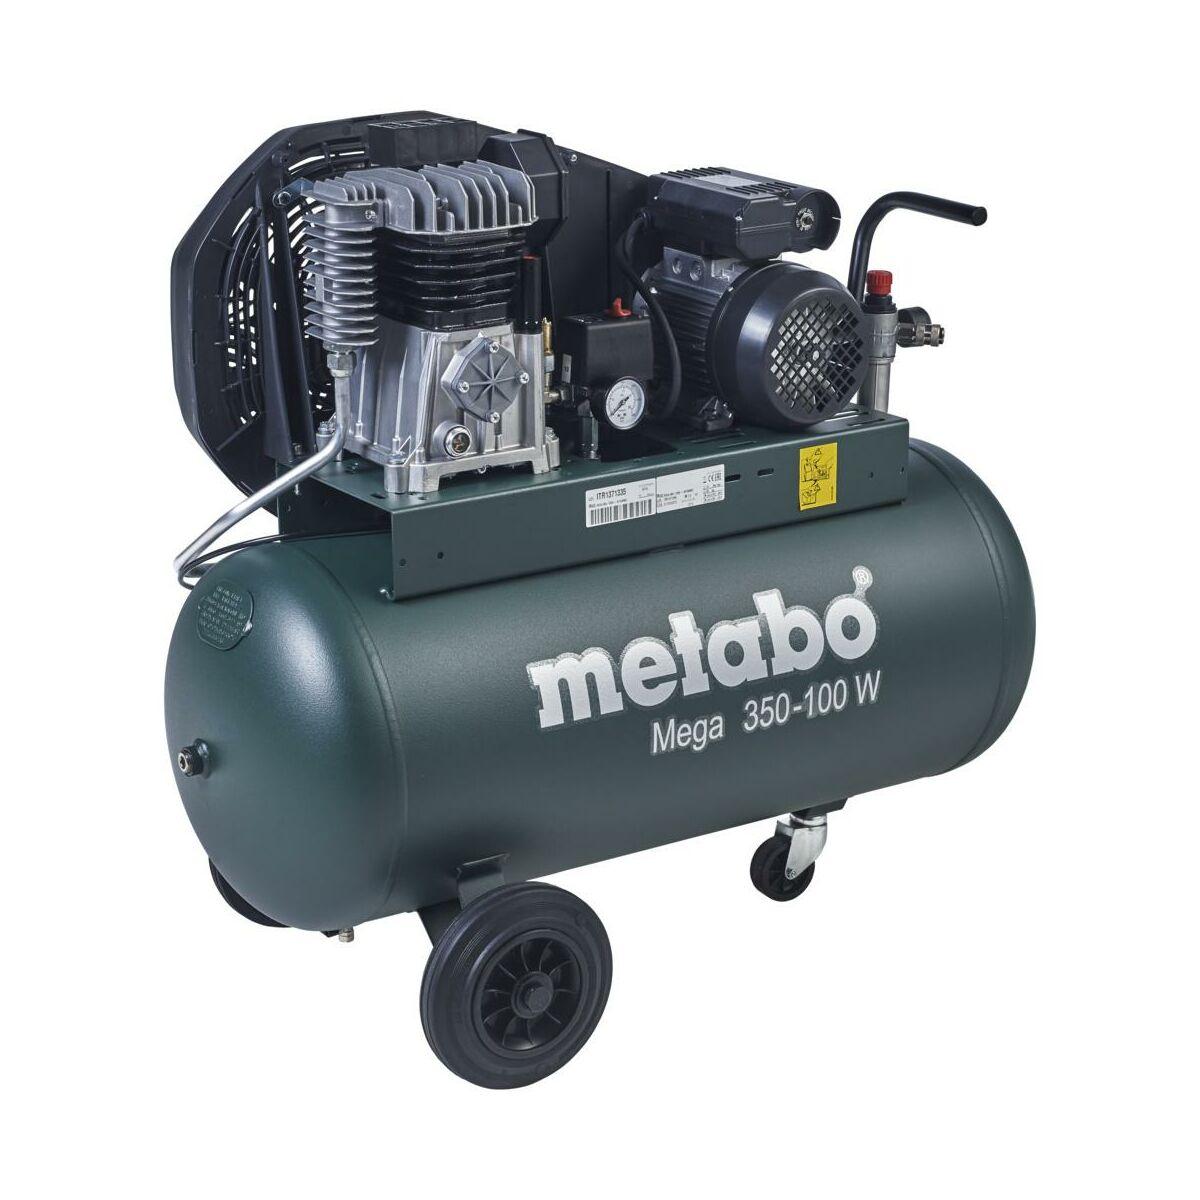 Kompresor Olejowy Metabo 90 L 10 Bar Mega 350 100 W Kompresory W Atrakcyjnej Cenie W Sklepach Leroy Merlin